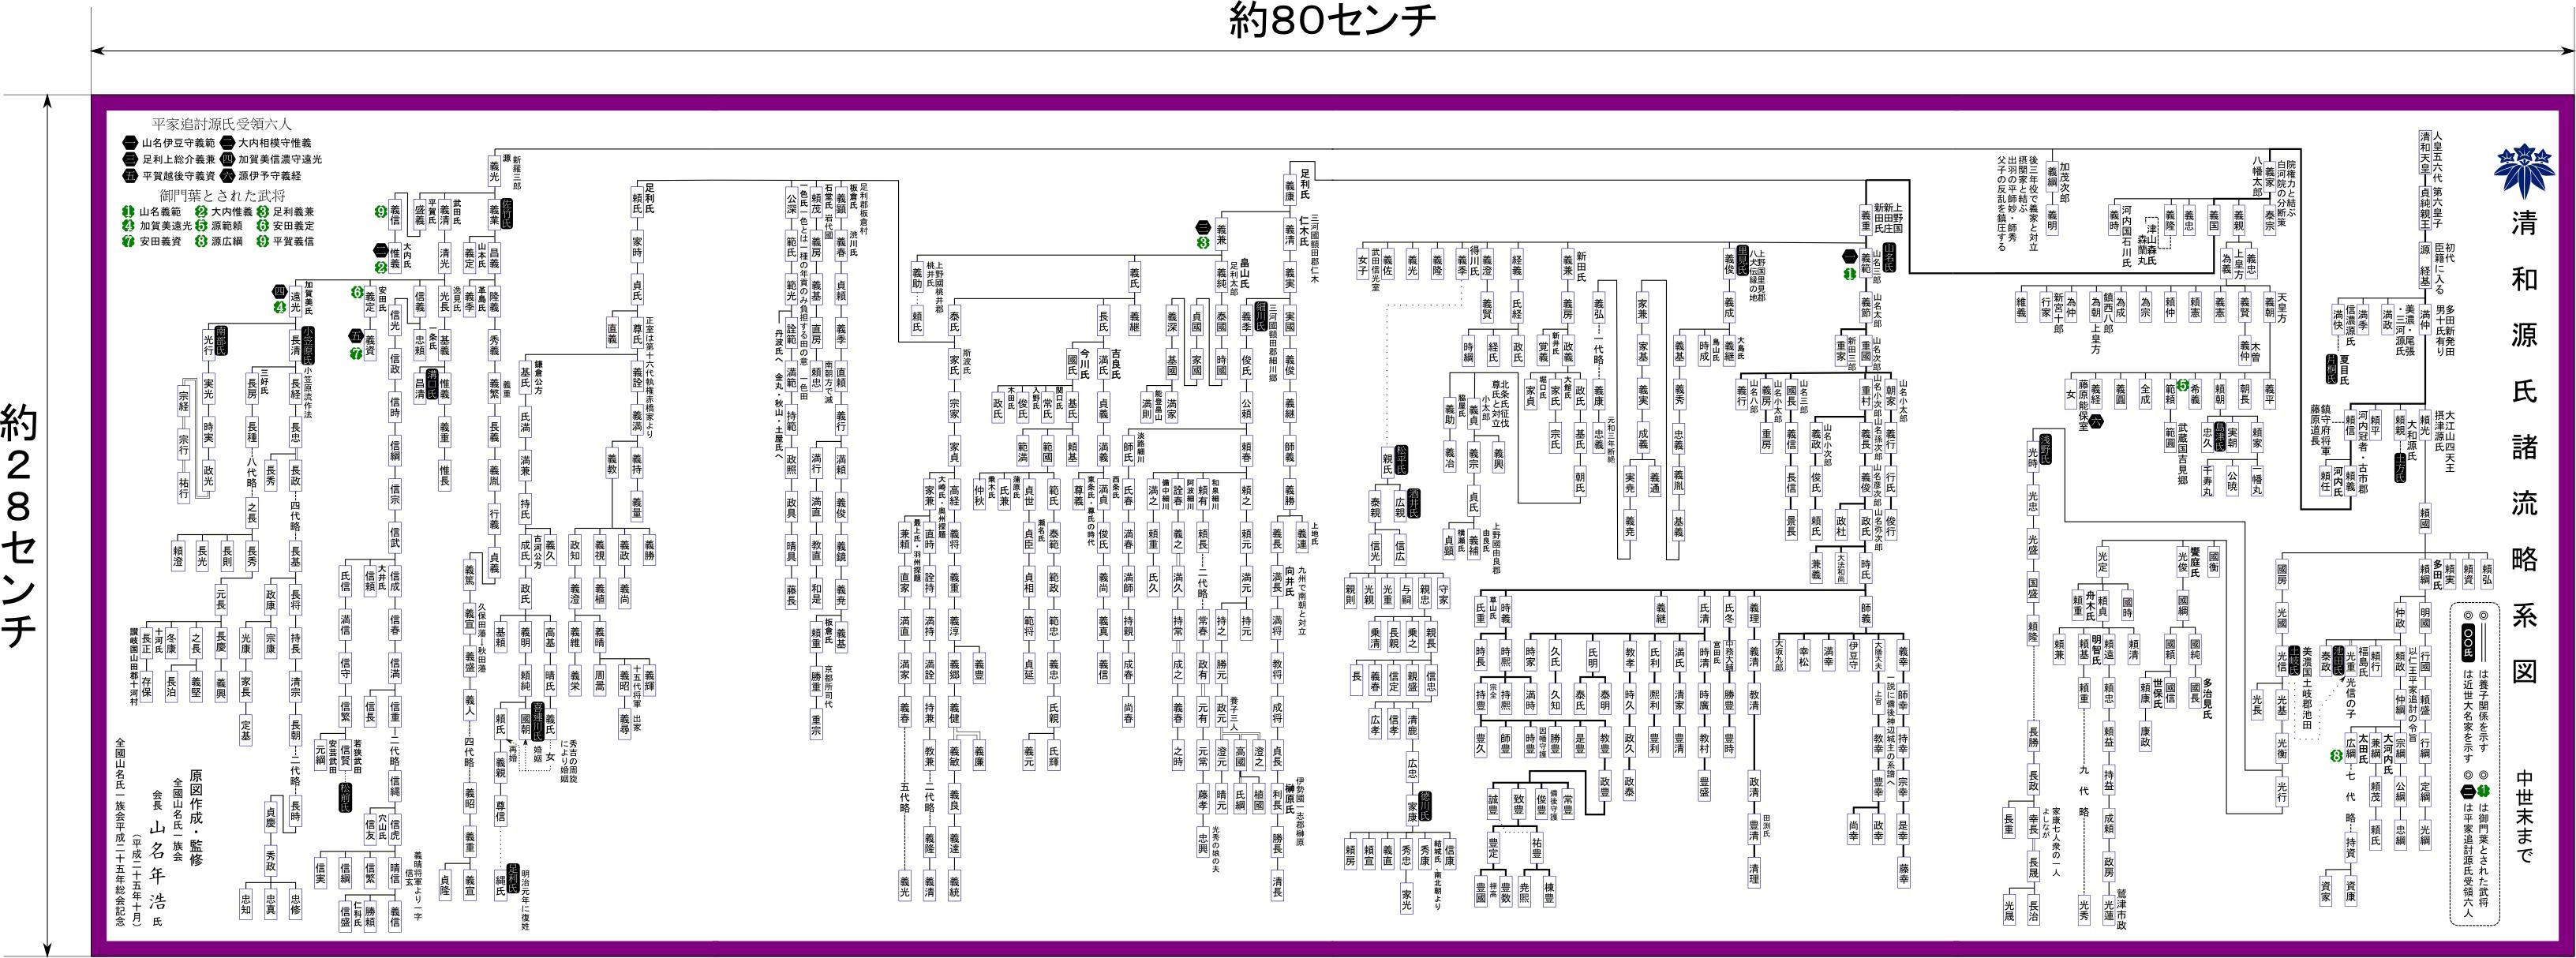 清和源氏諸流略系図のサンプル